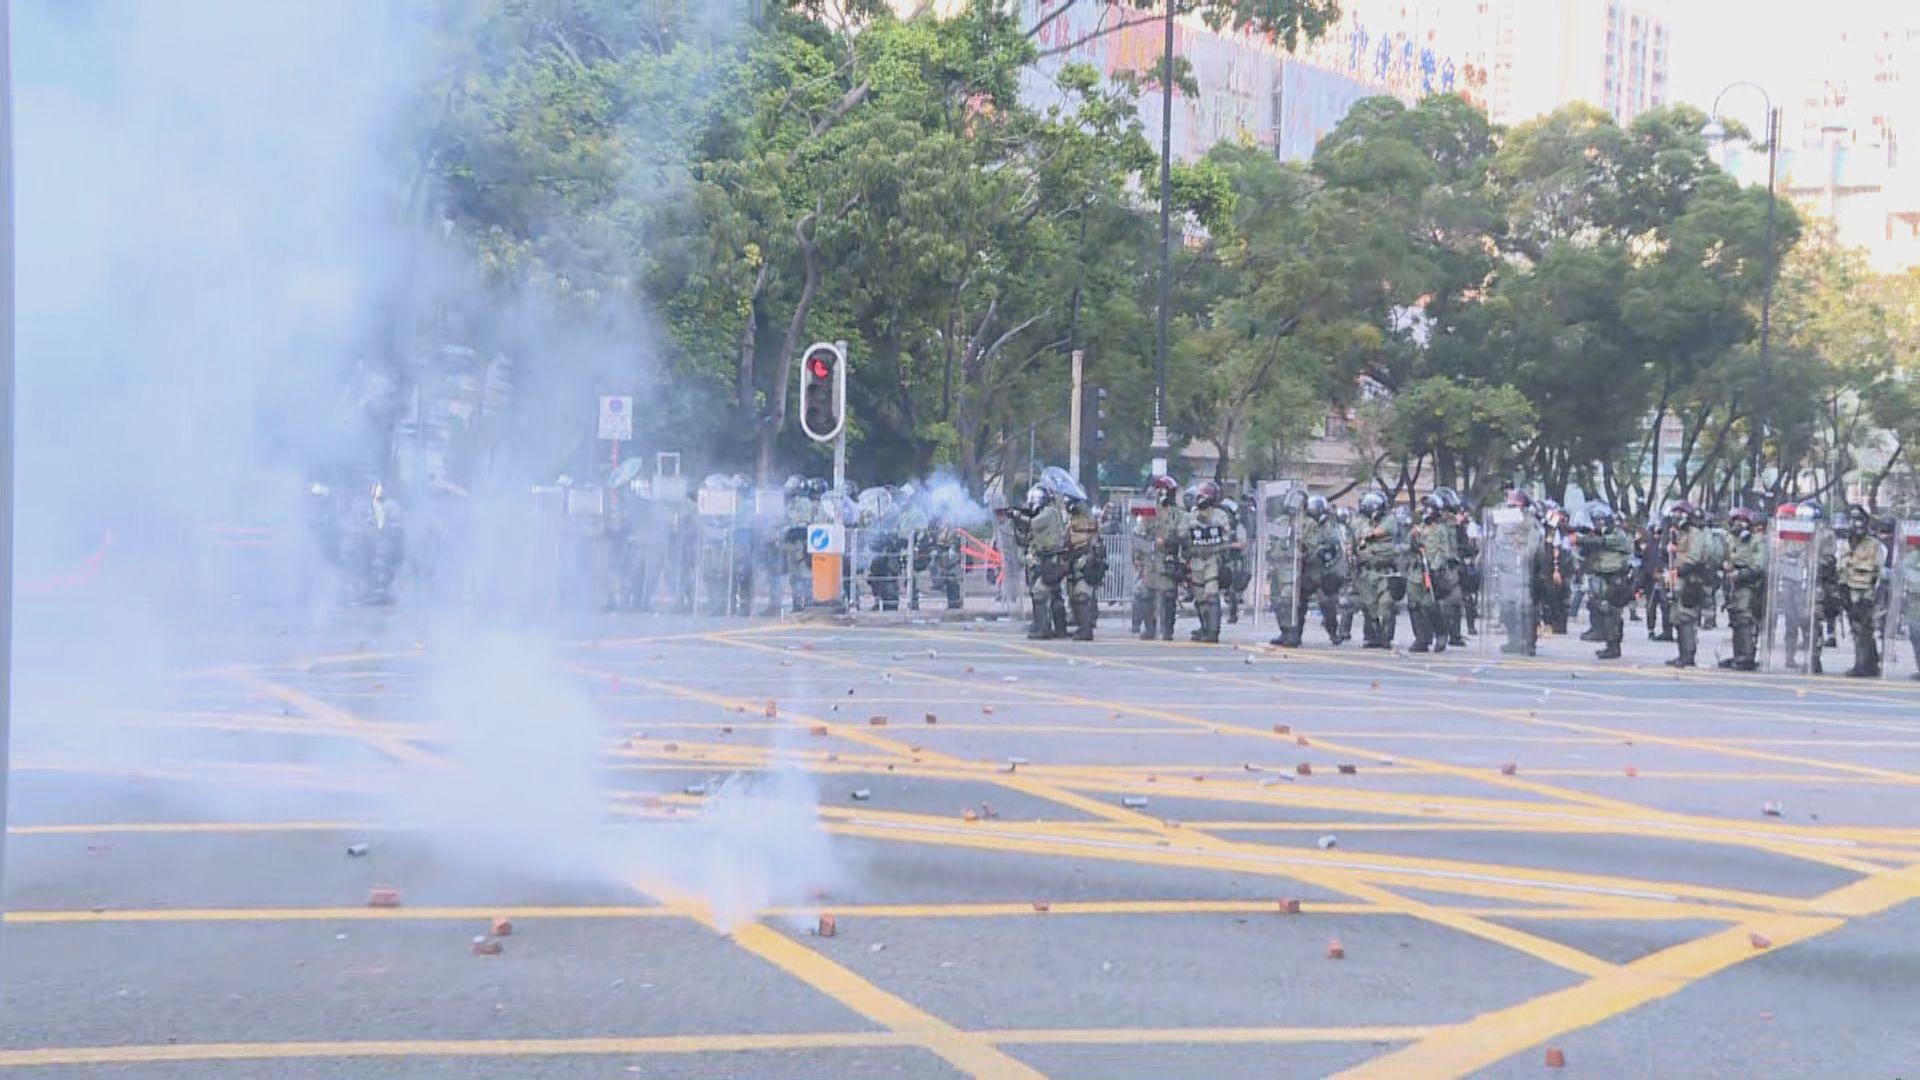 示威者沙田源禾路擲燃燒彈 警多次放催淚彈